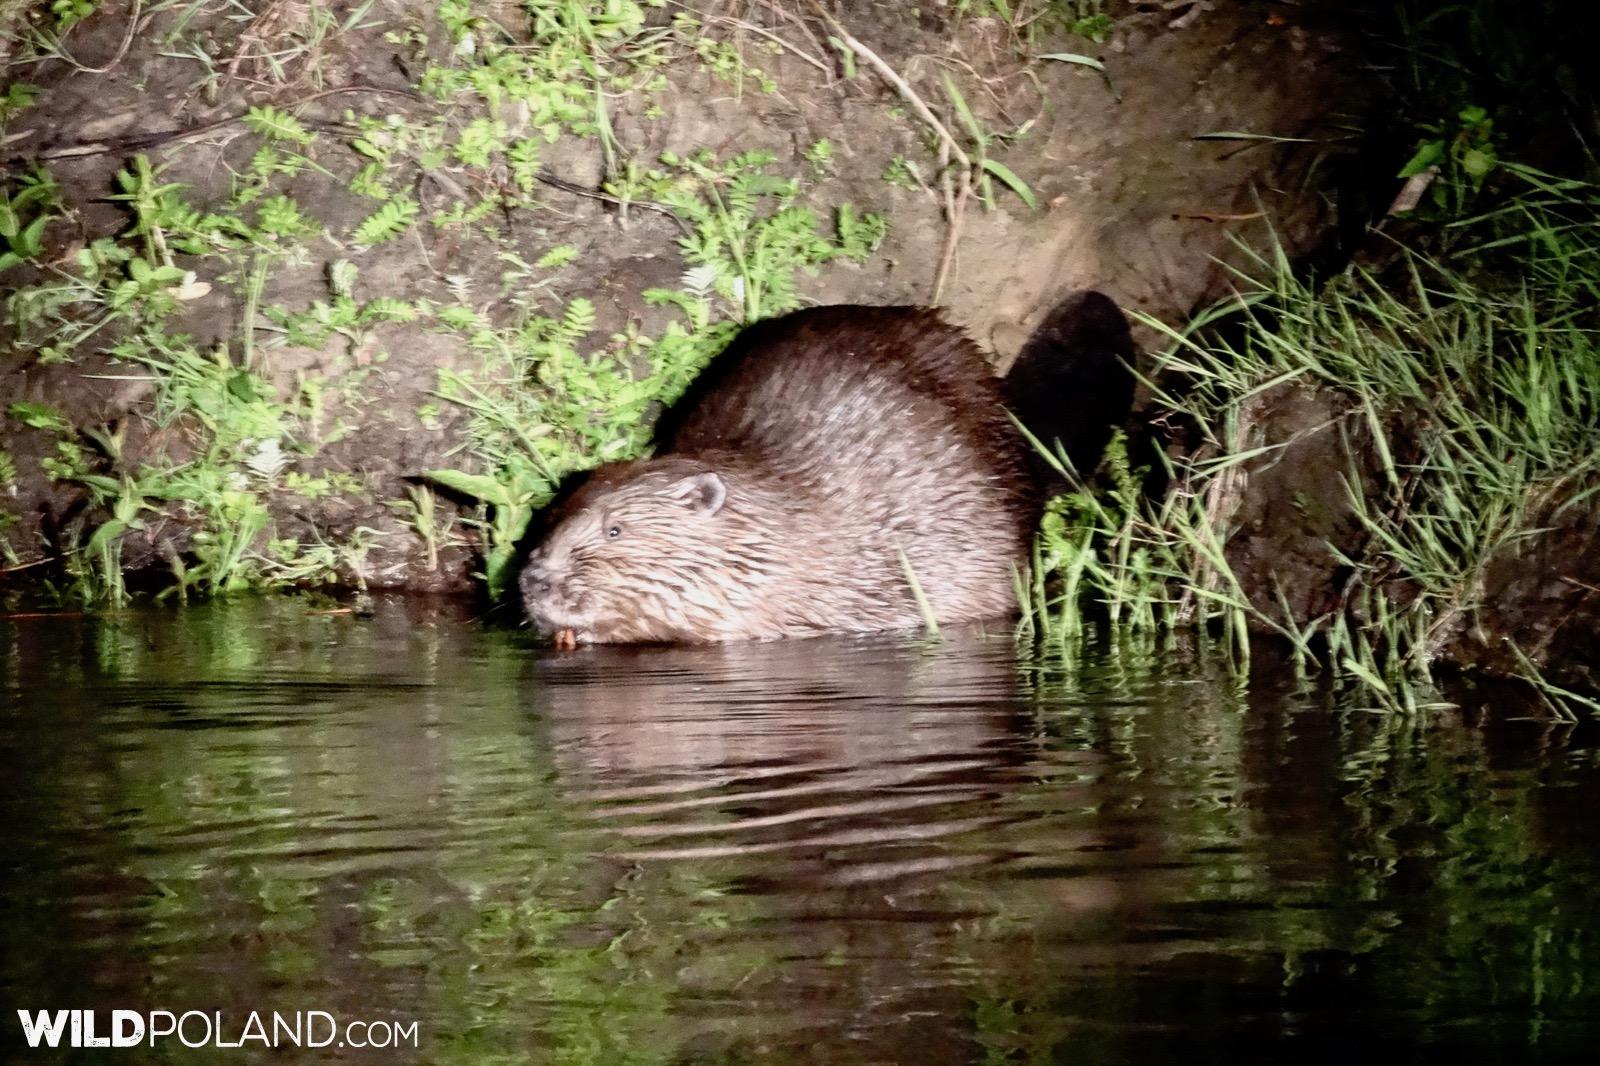 Beaver in a spotlight, photo by Piotr Dębowski